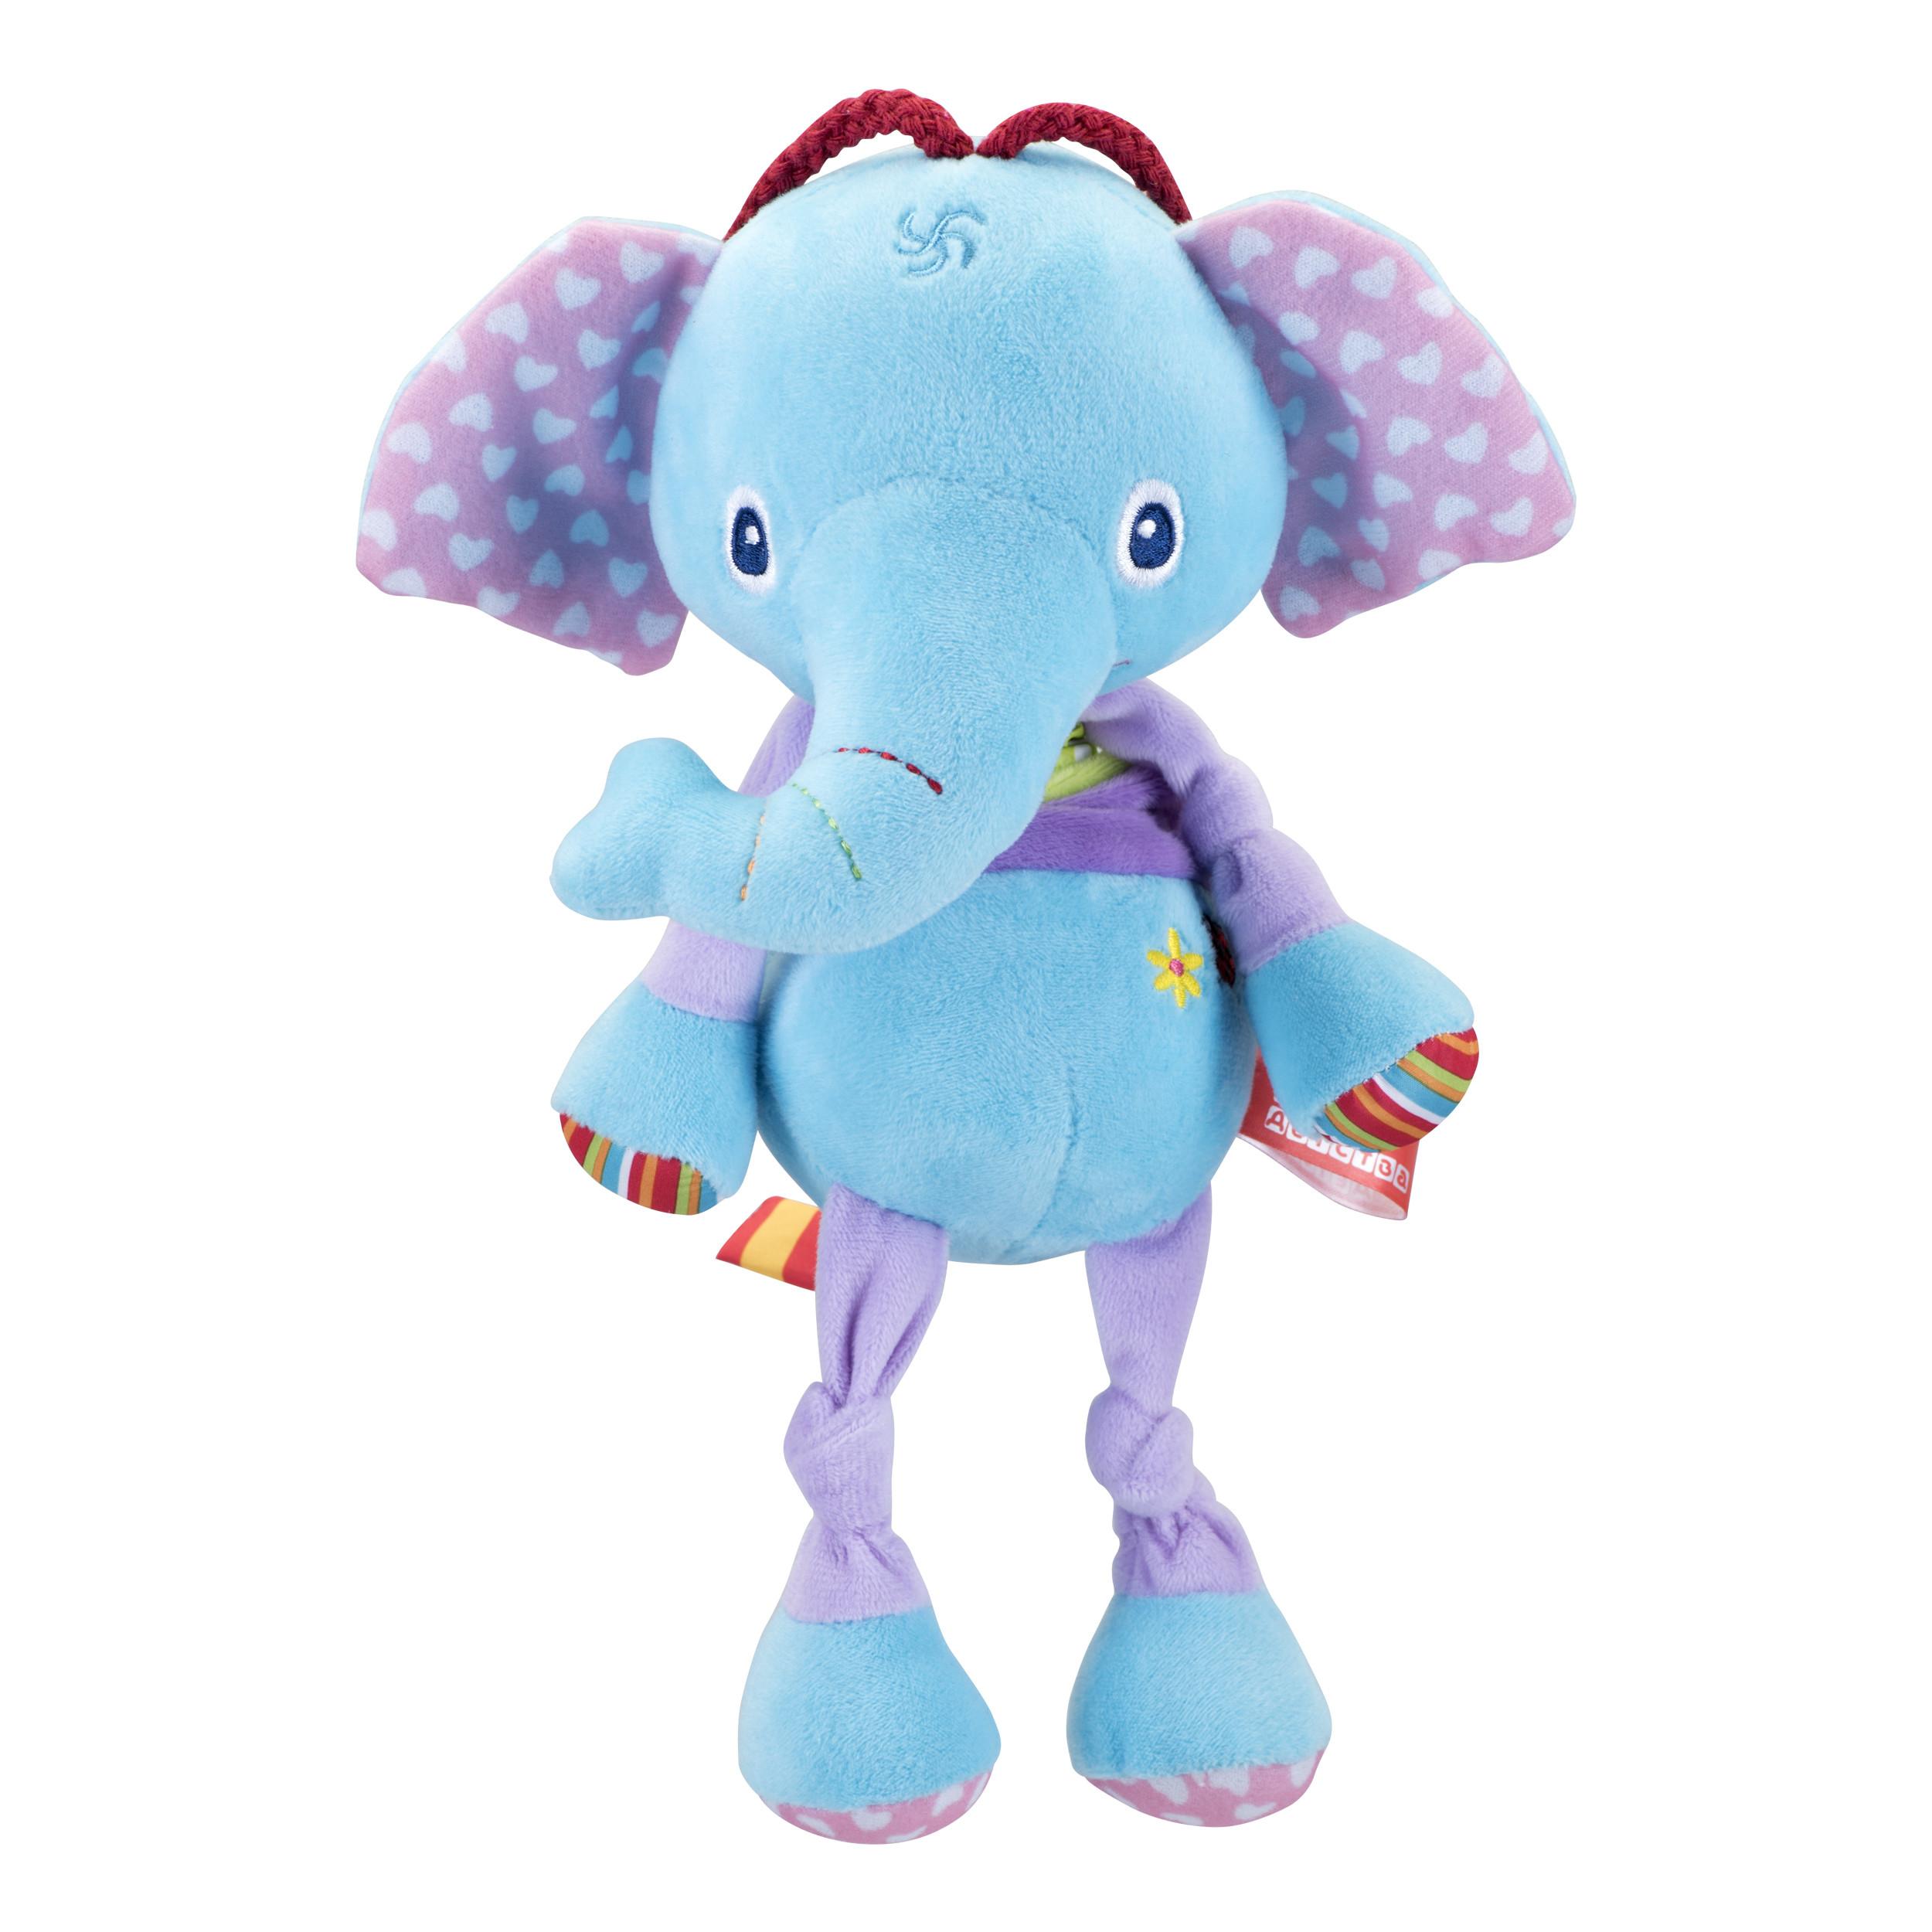 Музыкальная игрушка-подвеска Мир детства Слонёнок Трубач игрушка музыкальная keenway слоник трубач